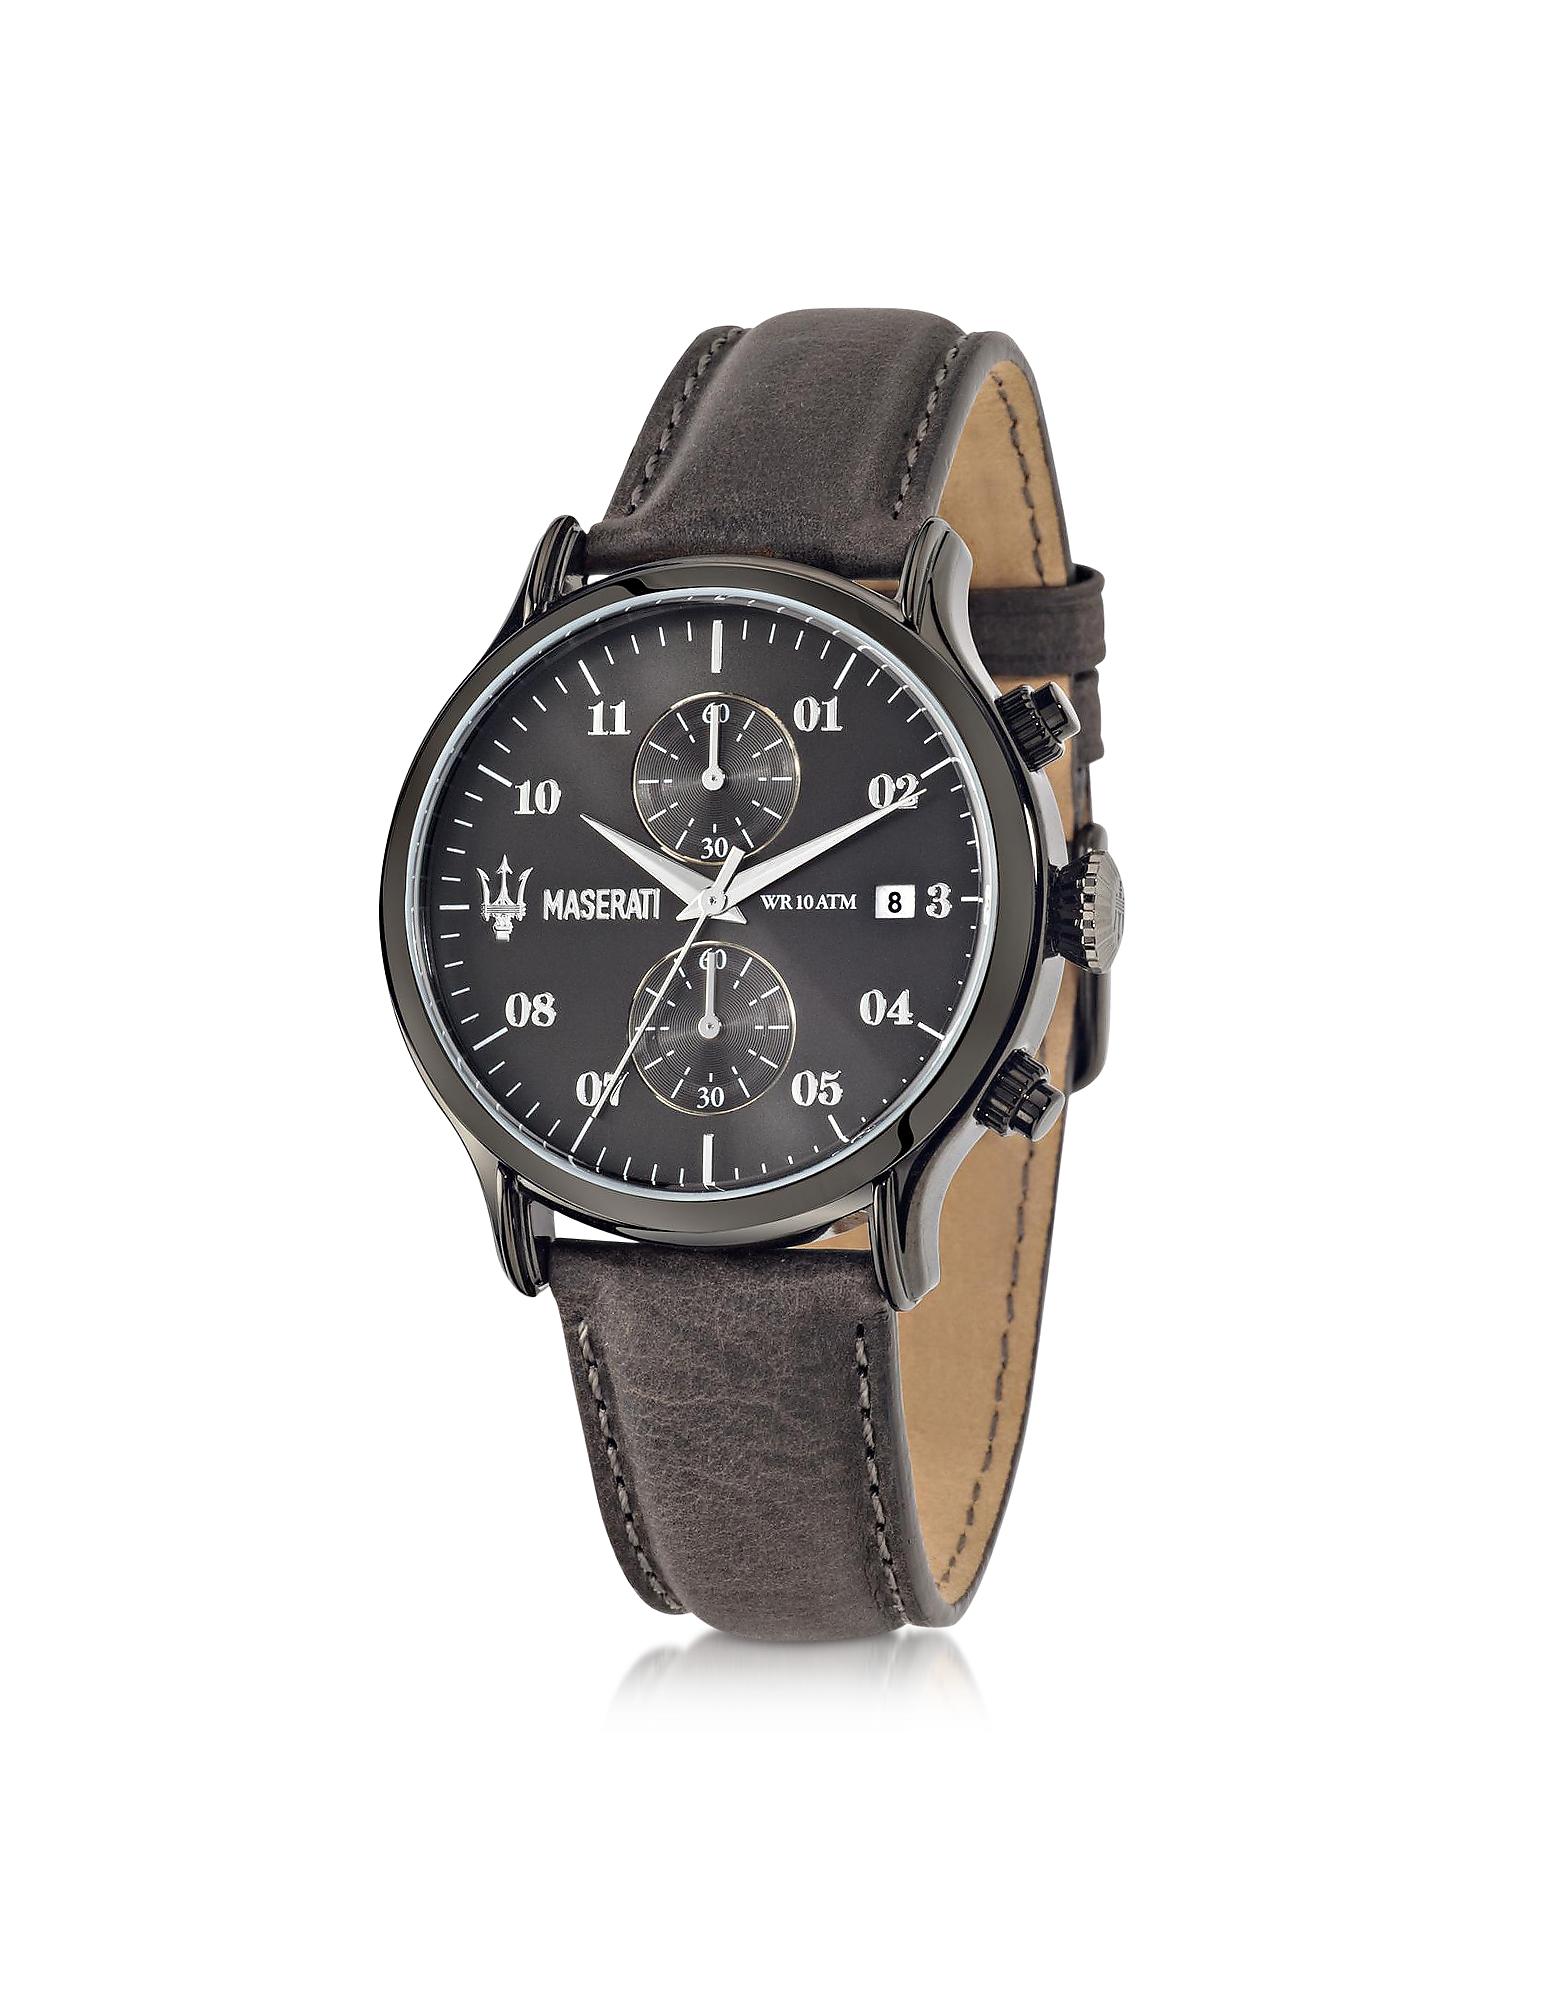 Фото Epoca - Мужские Часы Хронограф с Темным Циферблатом и Кожаным Ремешком. Купить с доставкой